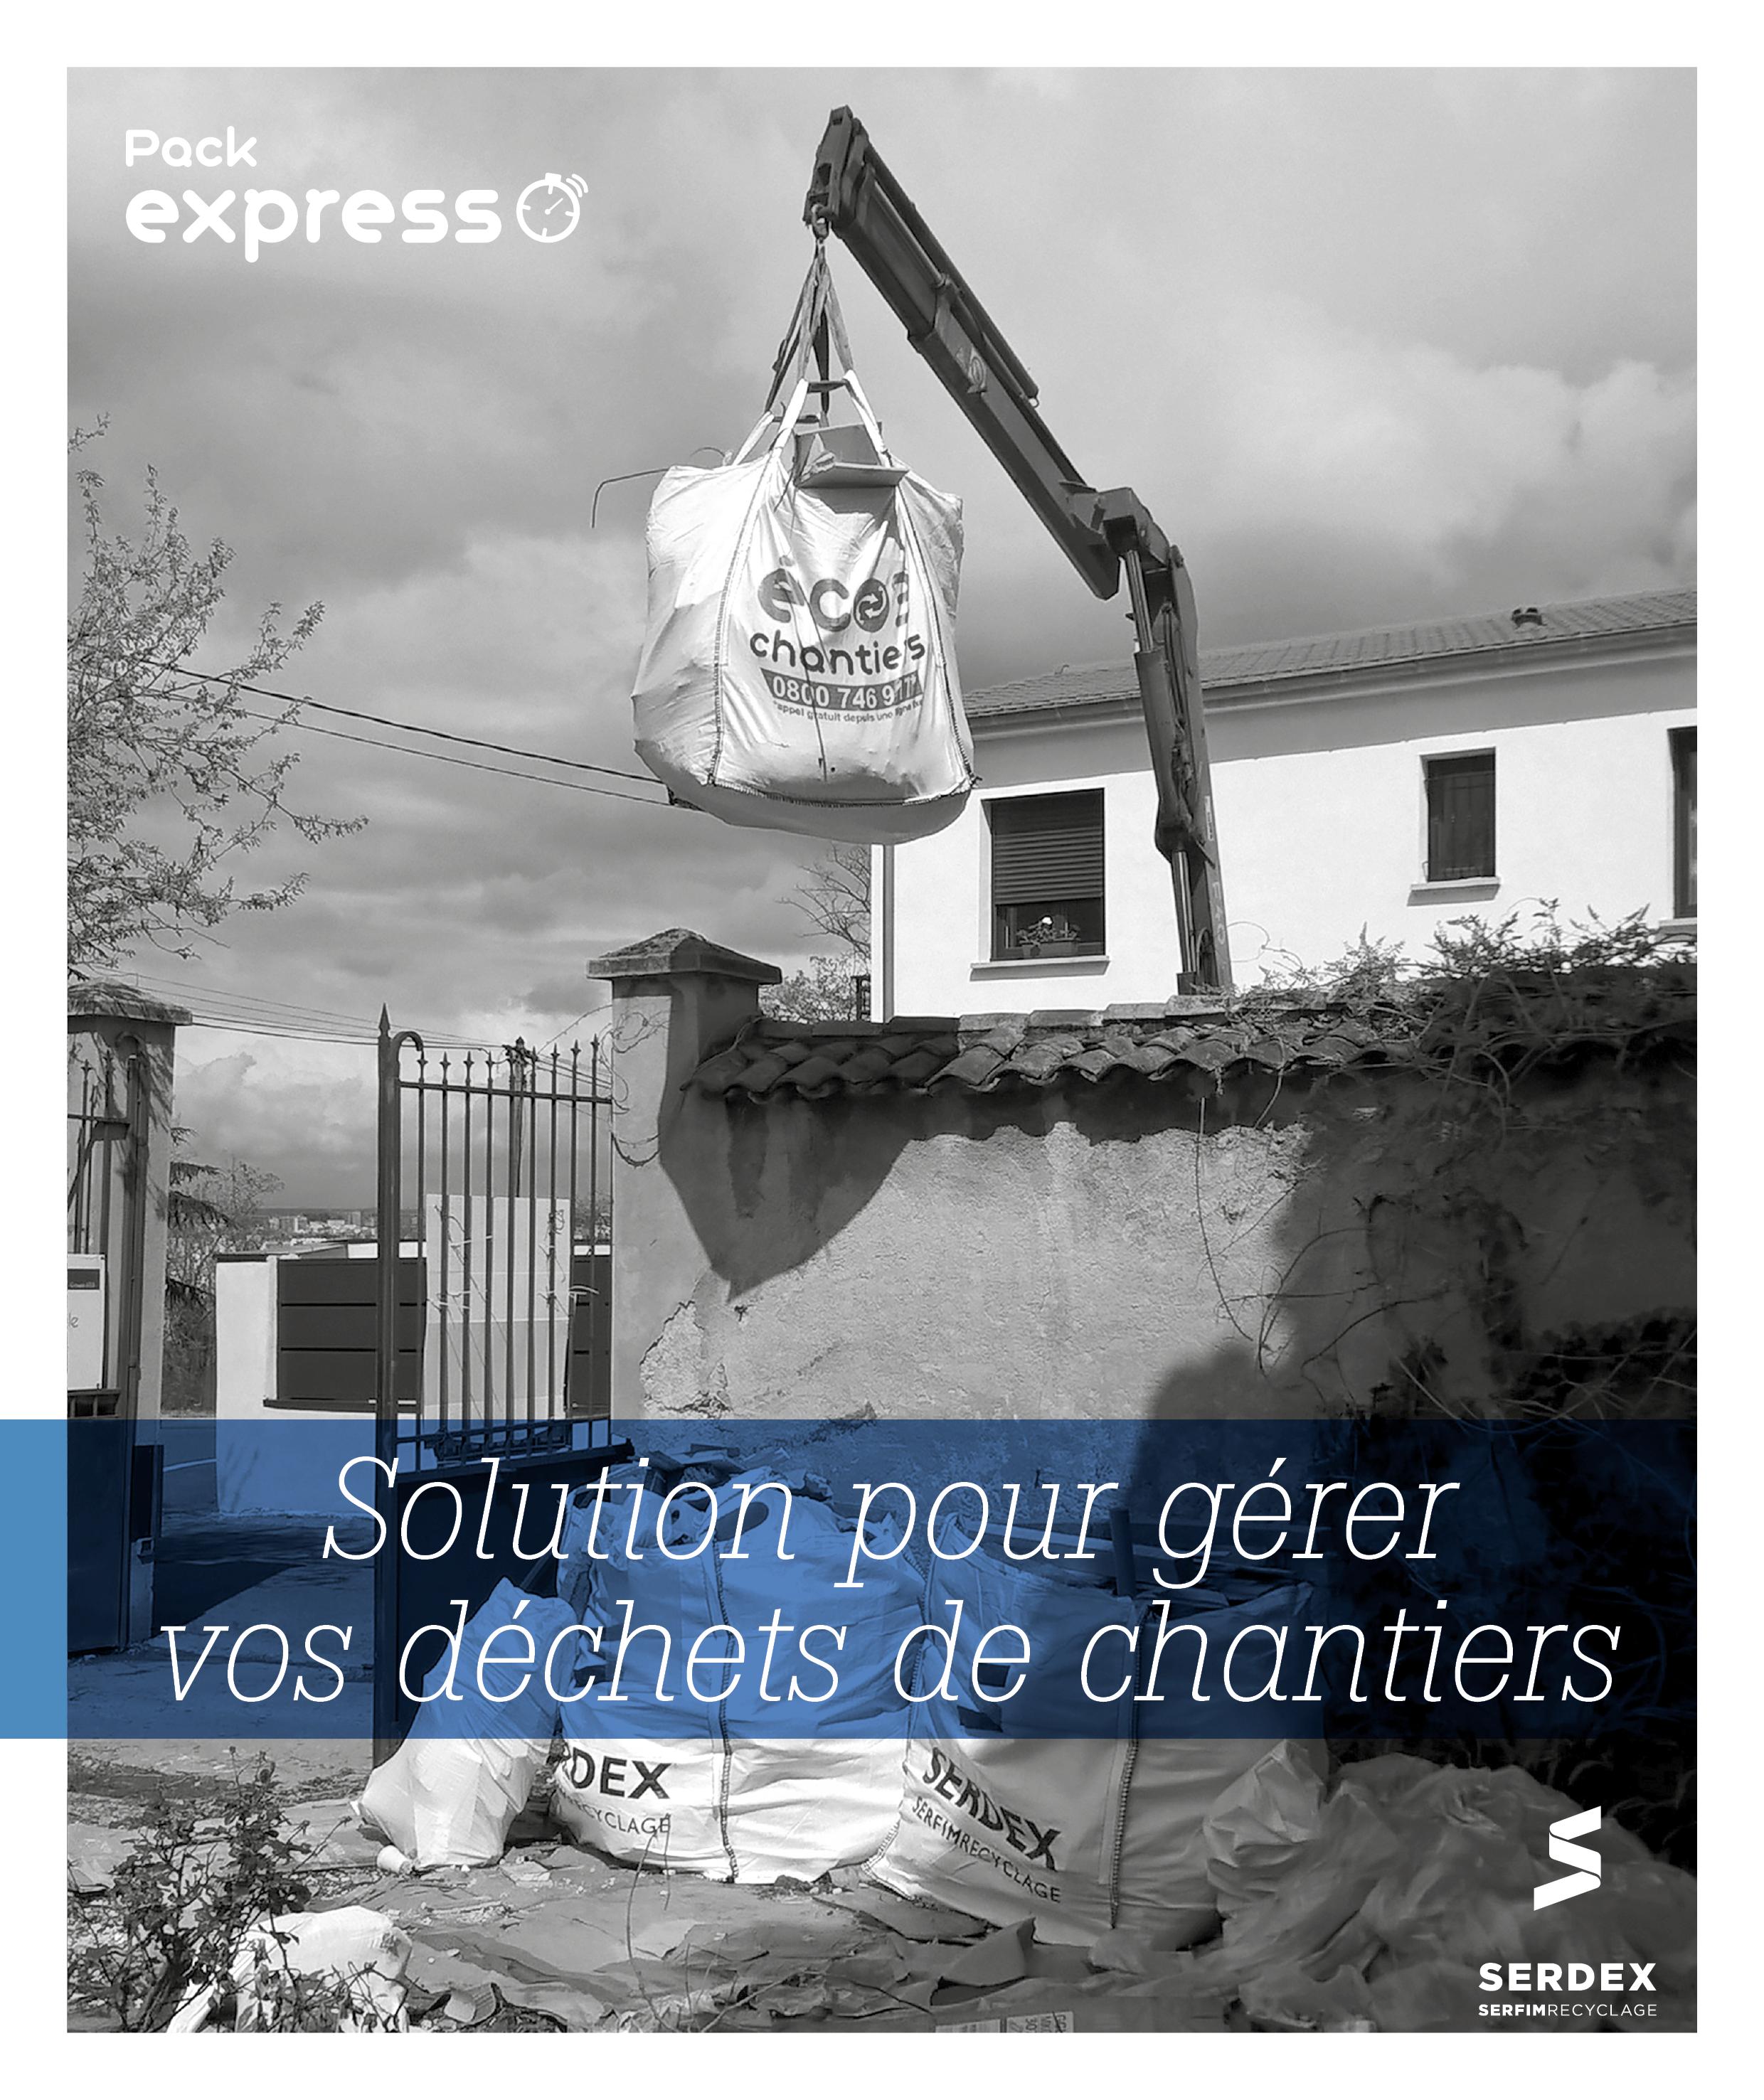 serdex_fiche-metier_pack-express